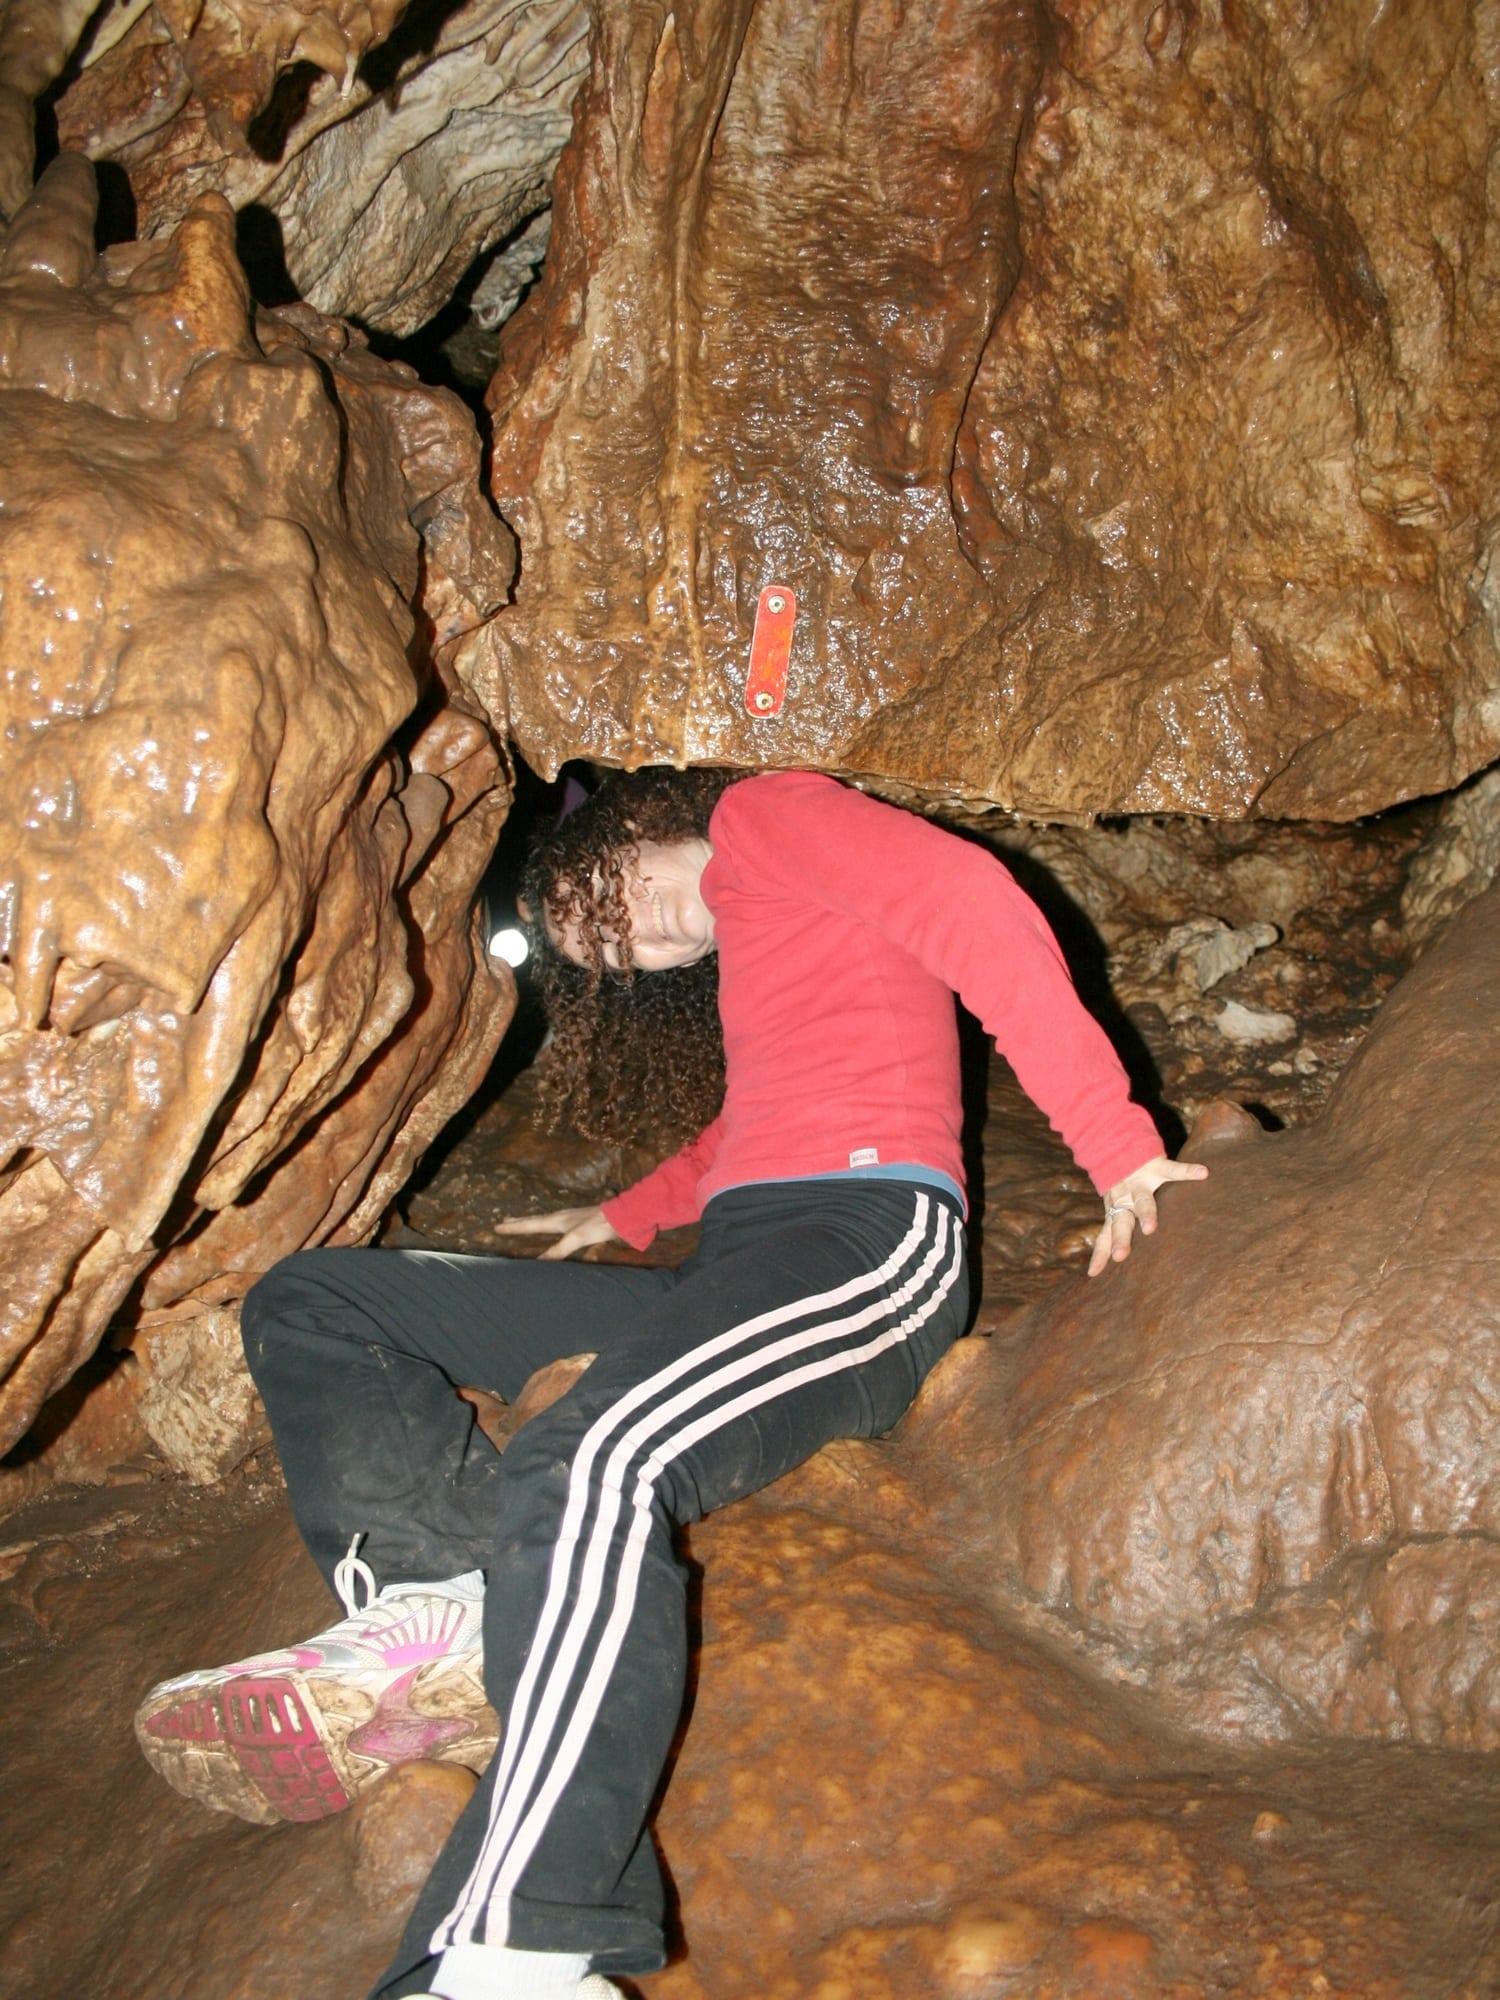 טיול משפחות במערת עלמה - ערוצים בטבע